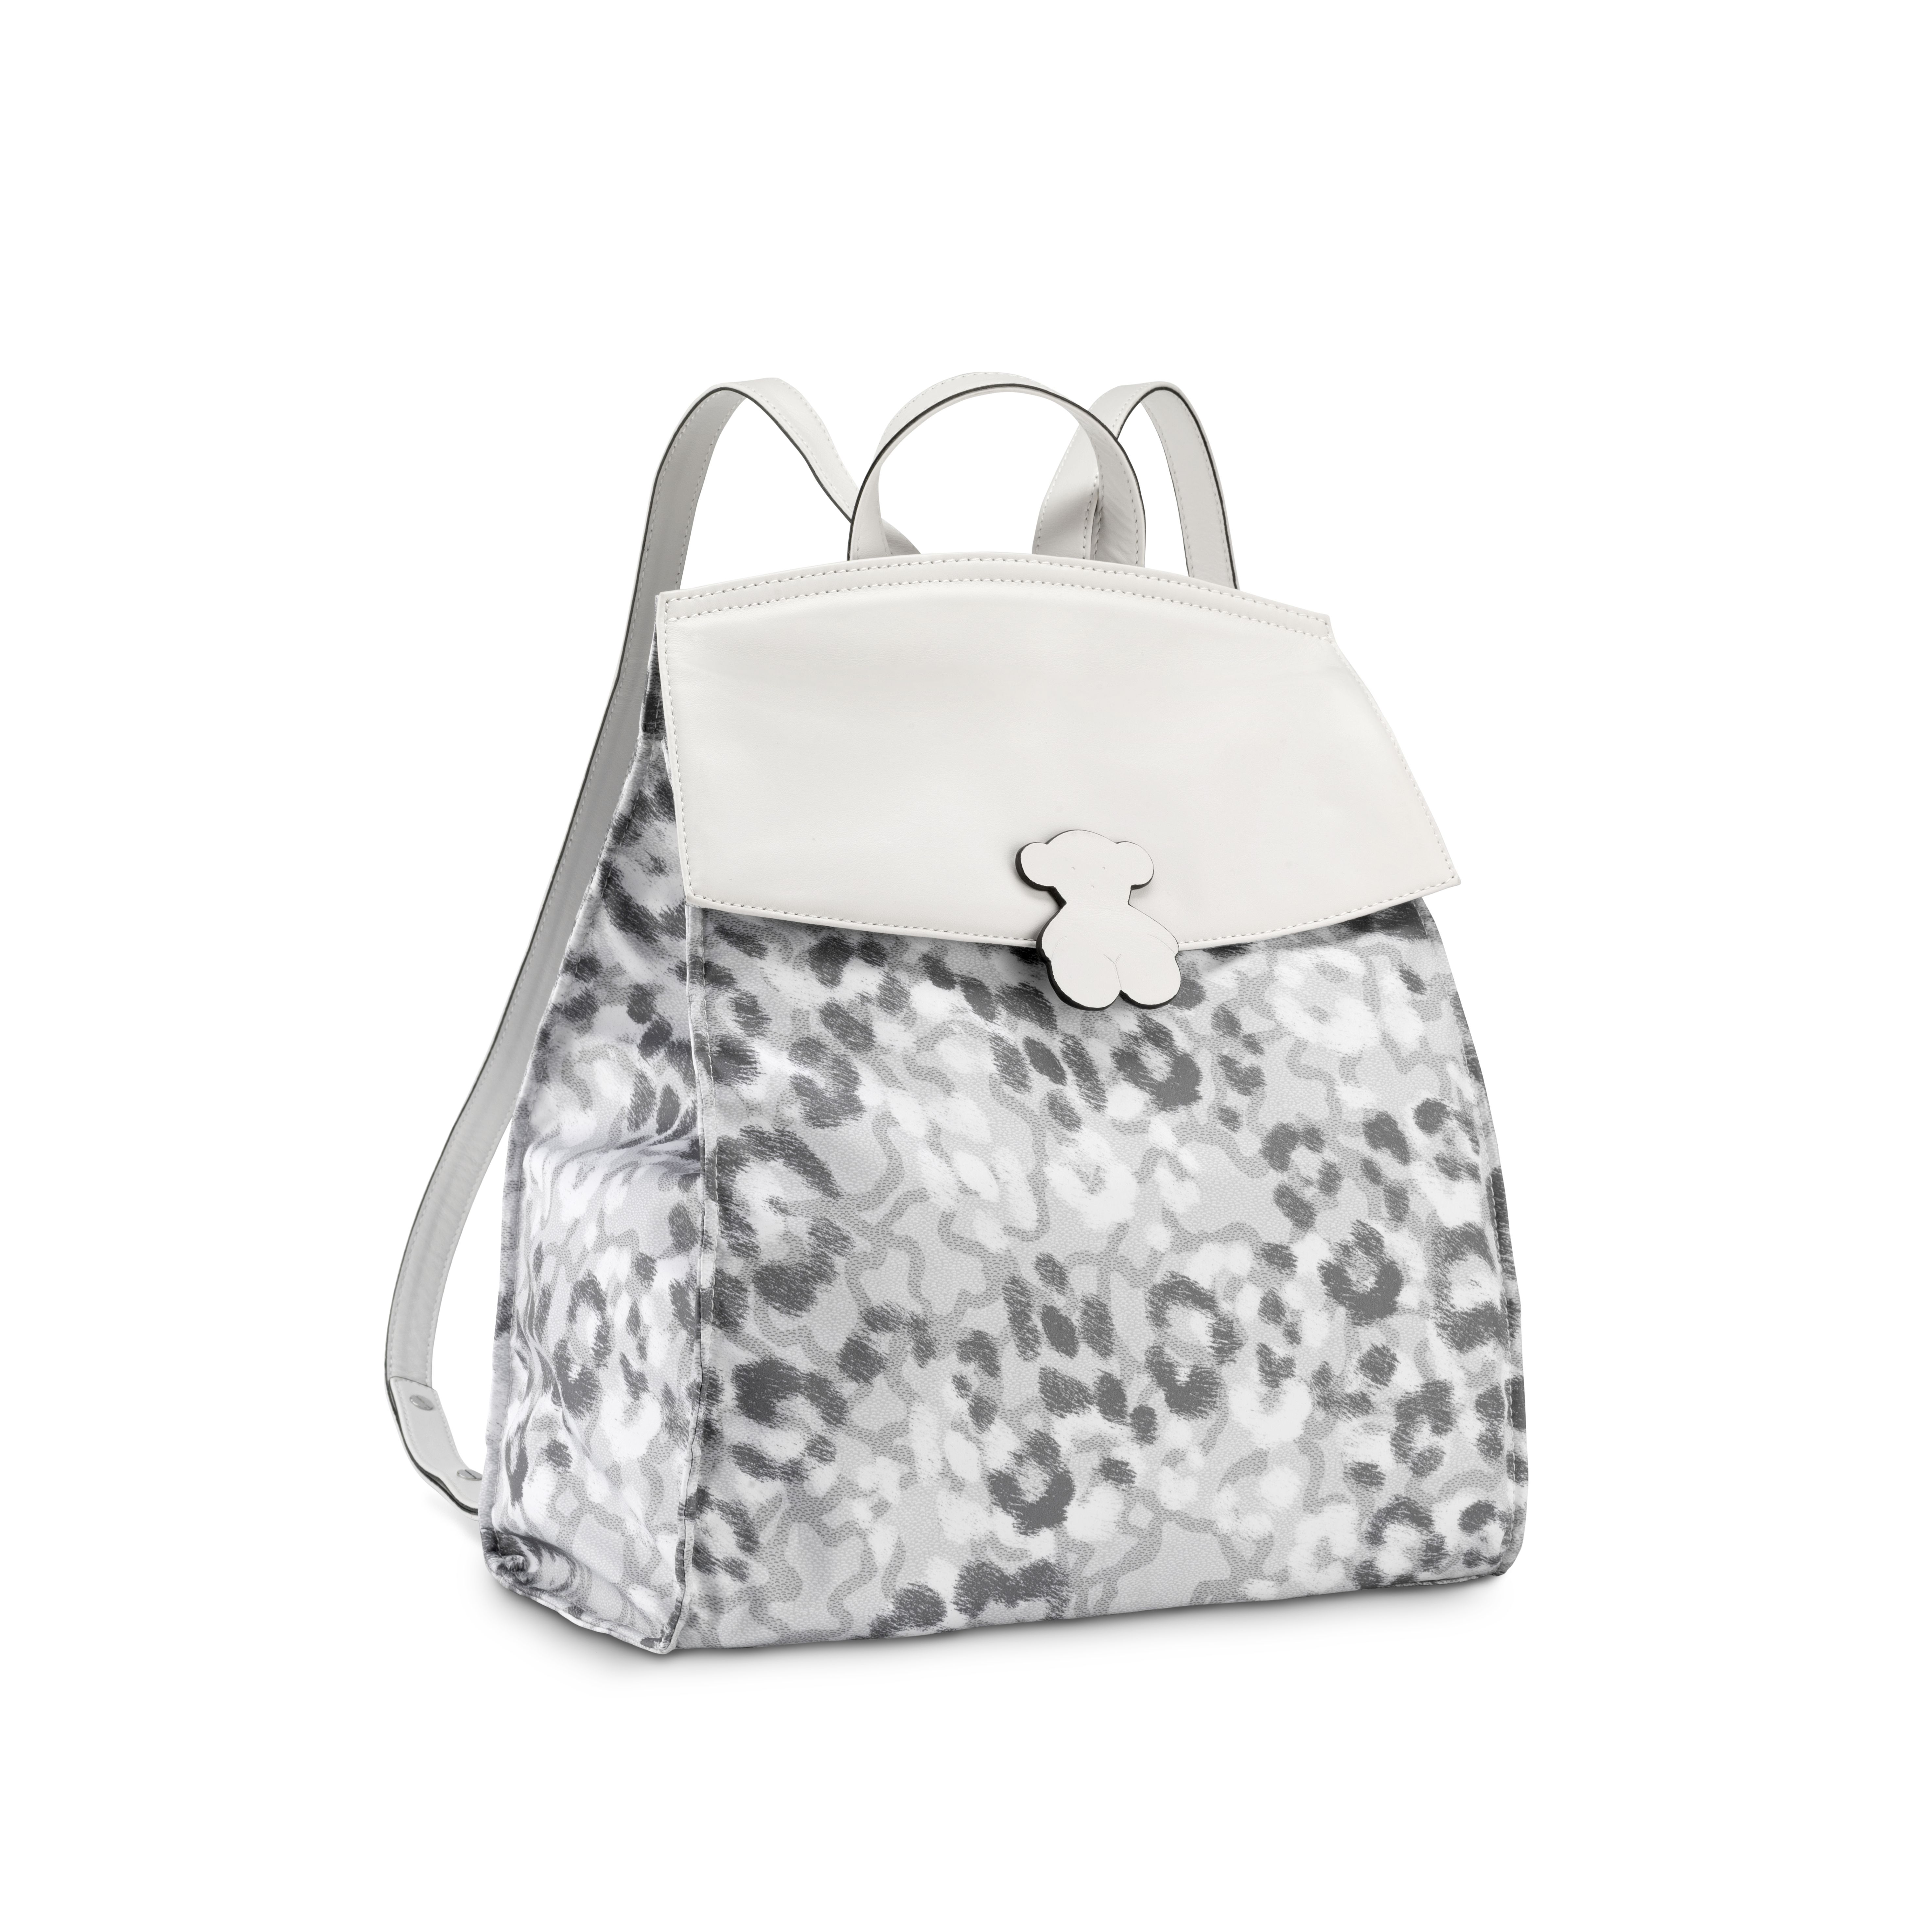 Kaos Colores Collection Carteras BackpackBags Leopard Tous Bolsas 0vnm8Nw